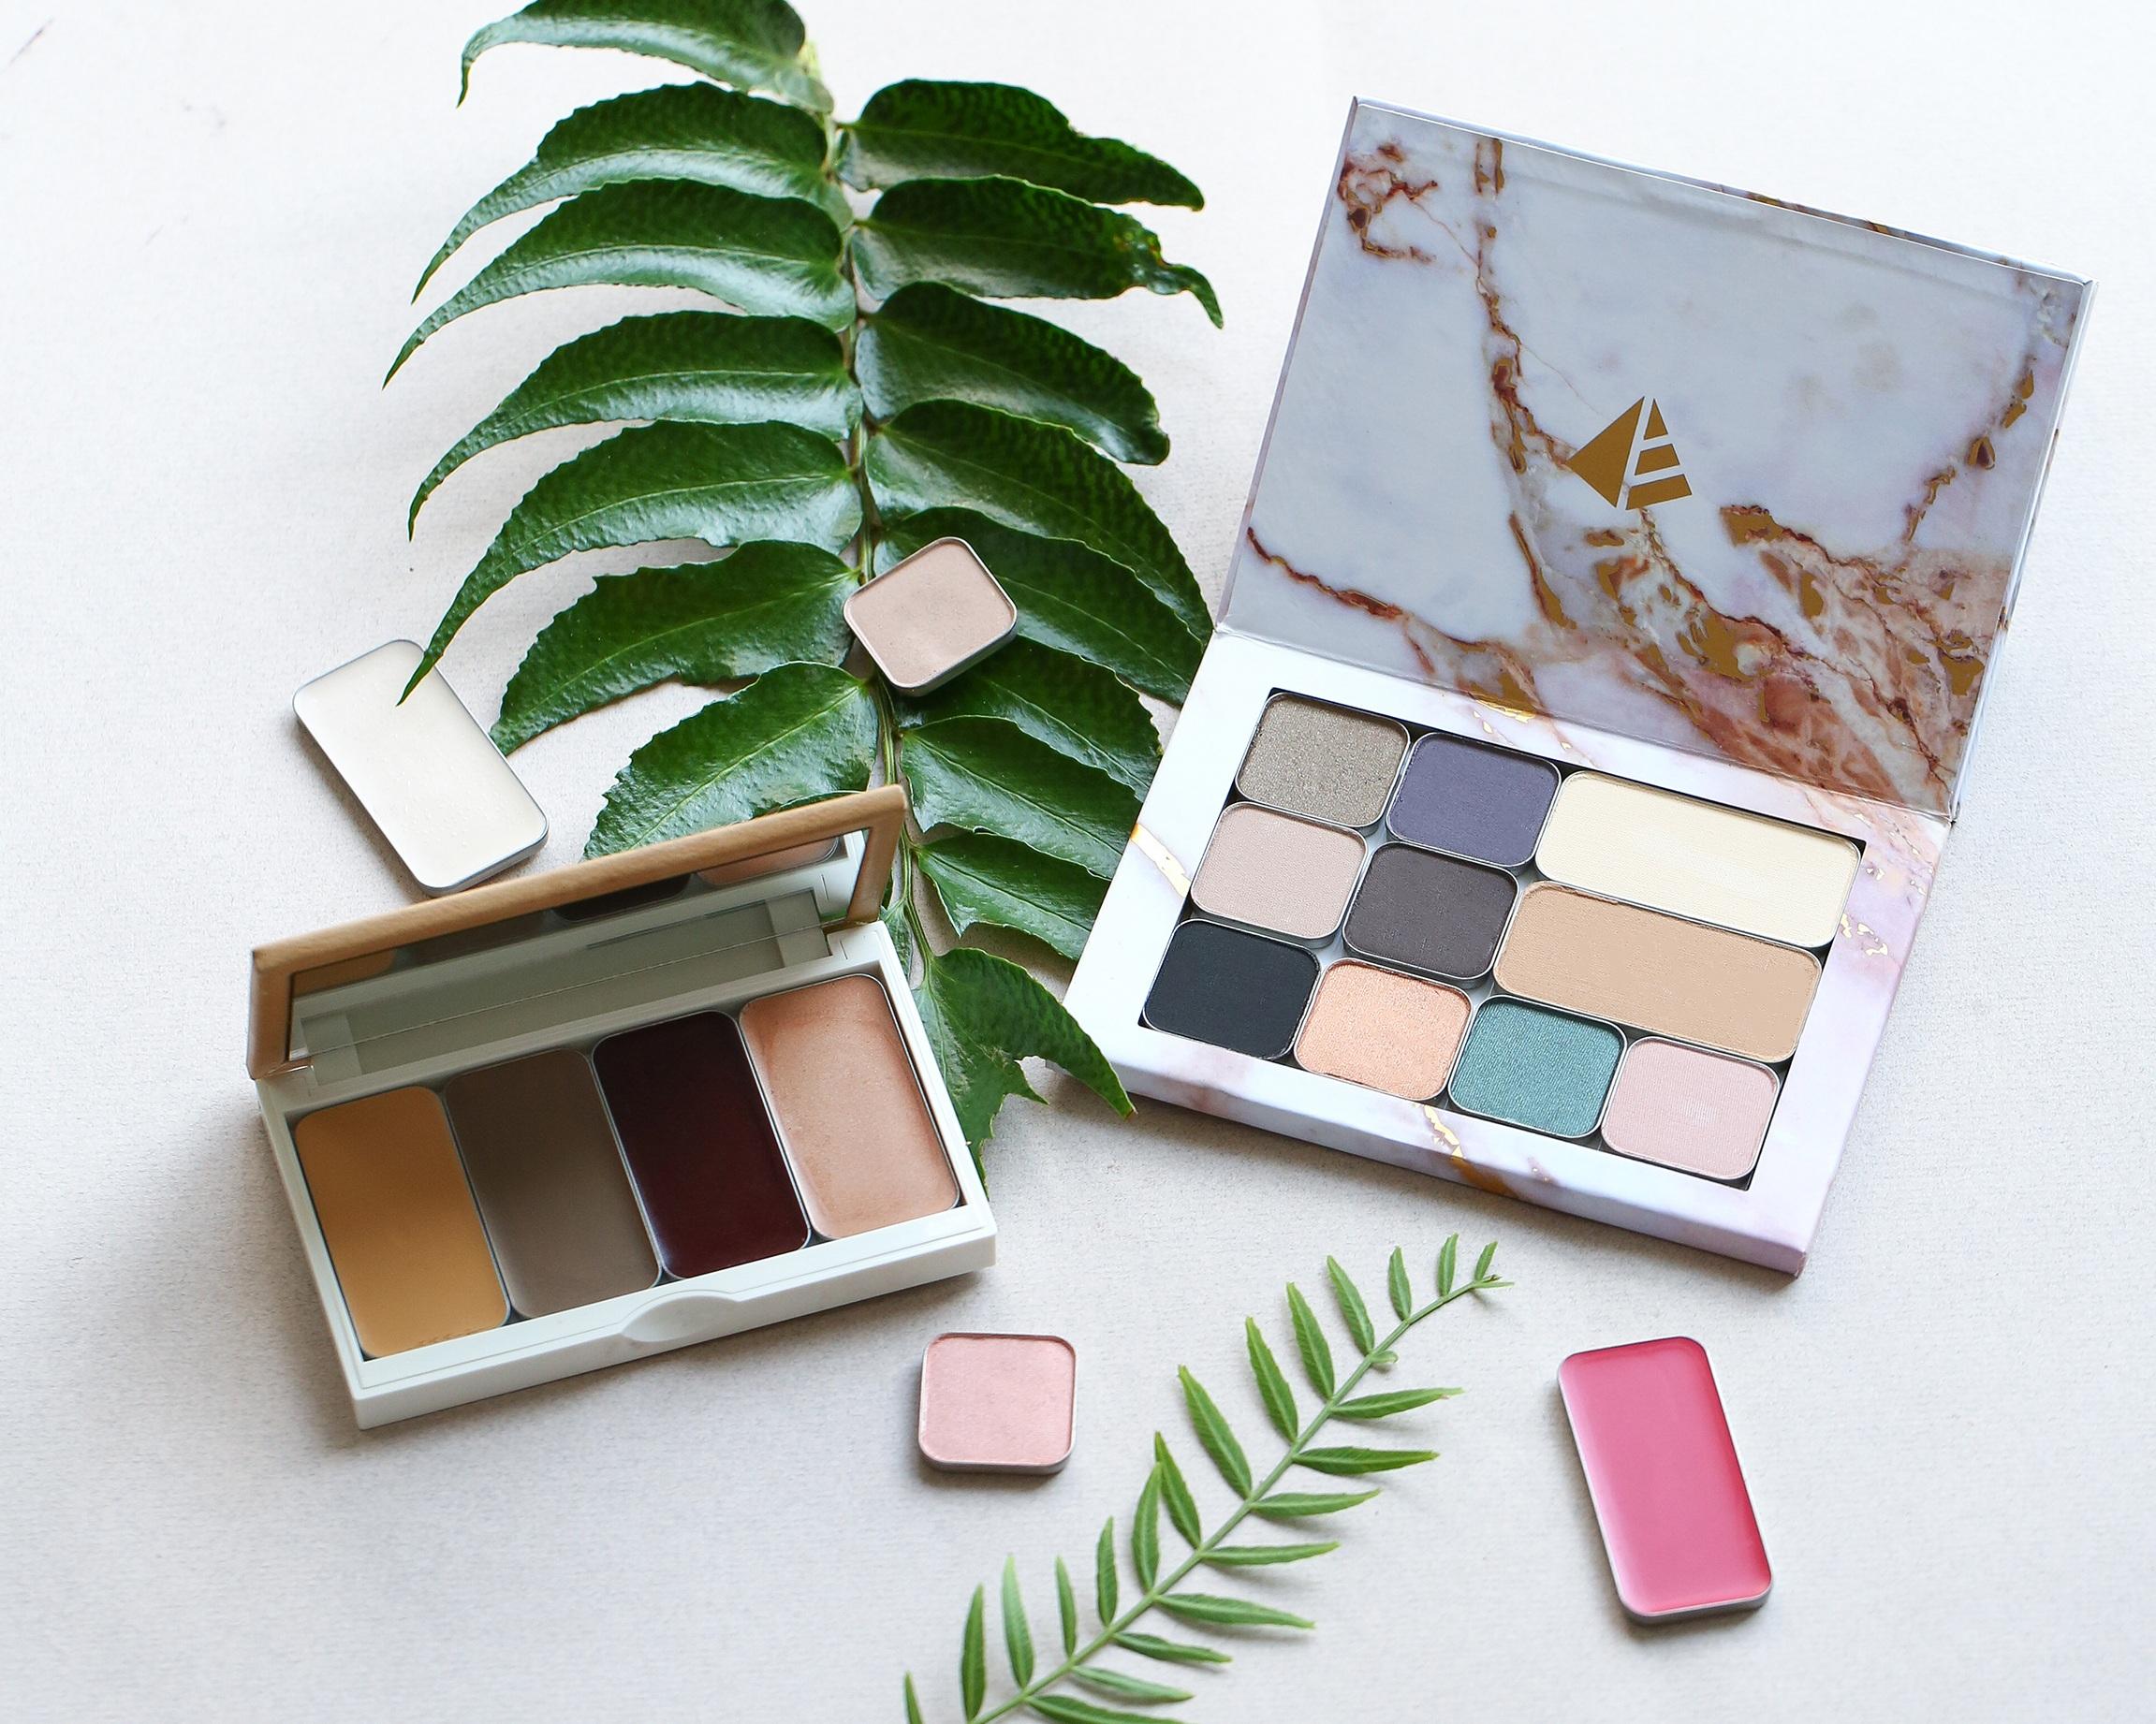 Maskcara+beauty+makeup